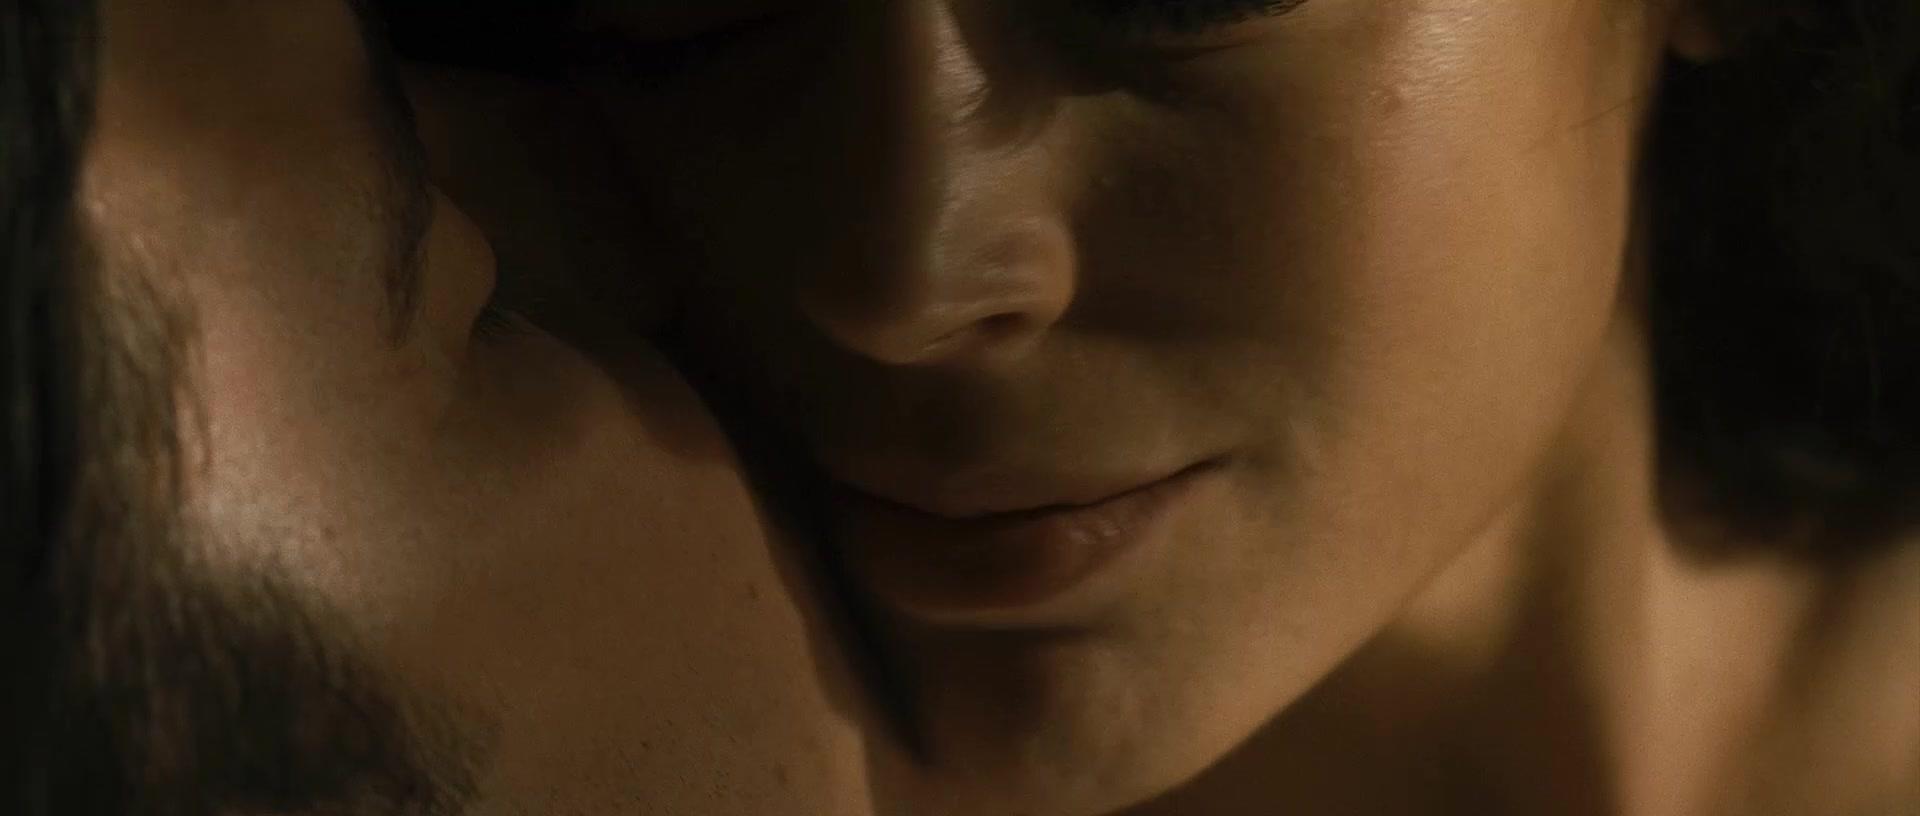 Alyssa Milano Nude In Movies